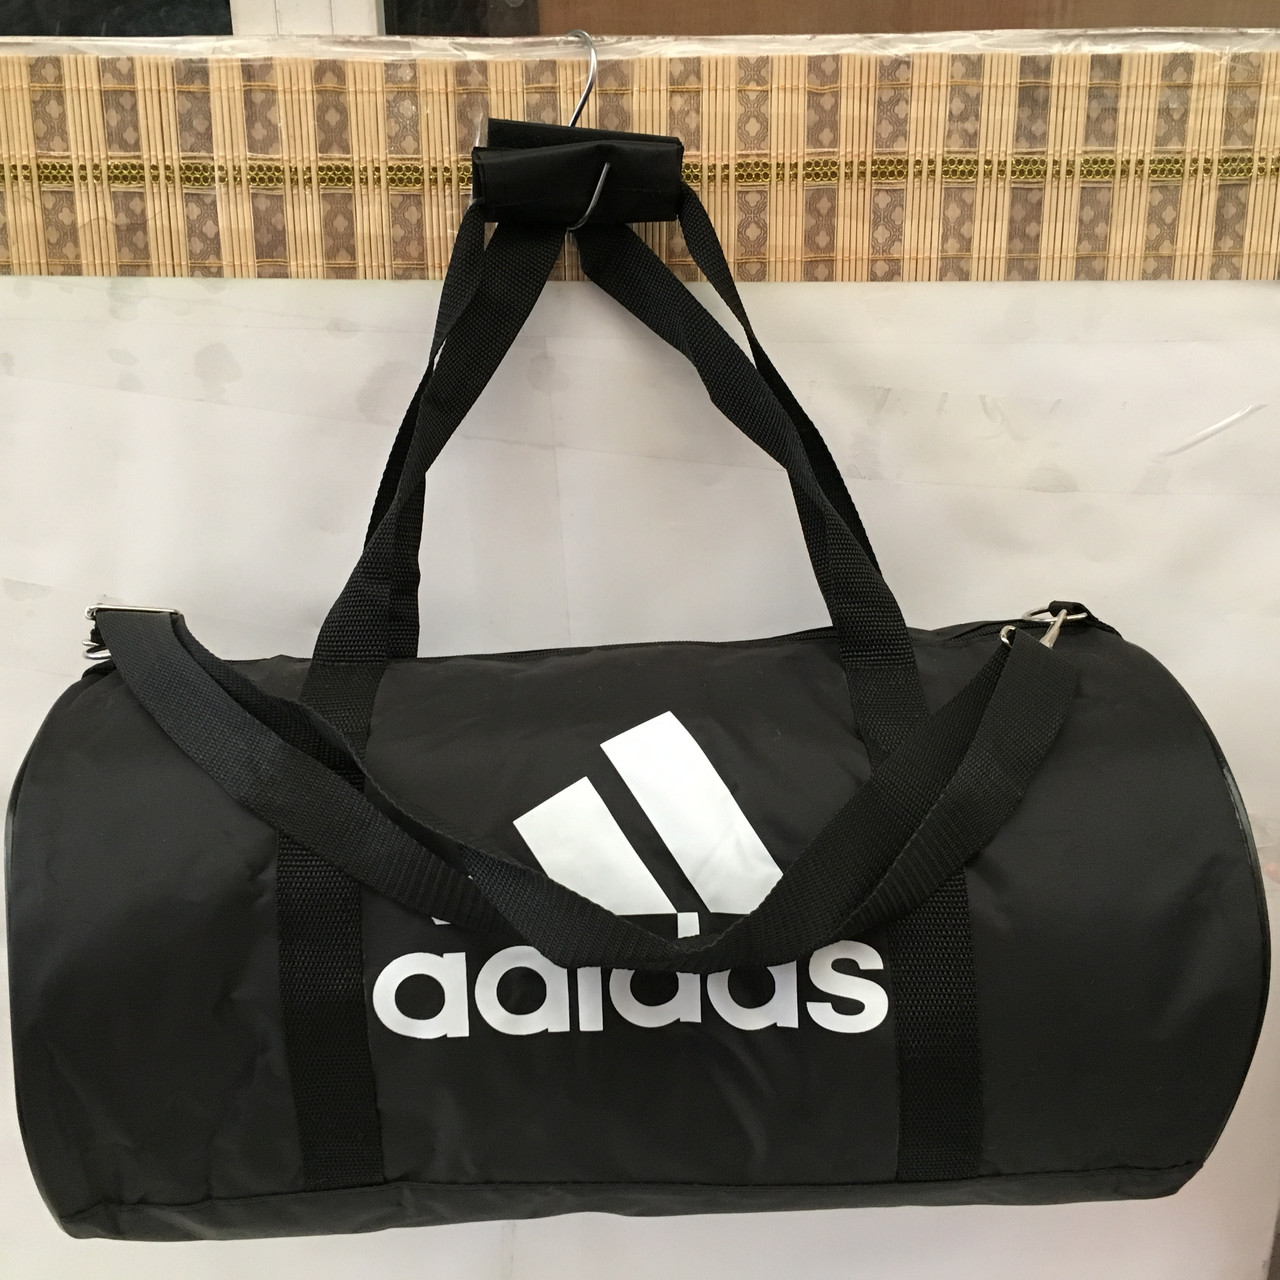 75c6f0b90f45 Спортивная сумка Adidas.Сумка дорожная, спортивная Адидас 24,*46 оптом